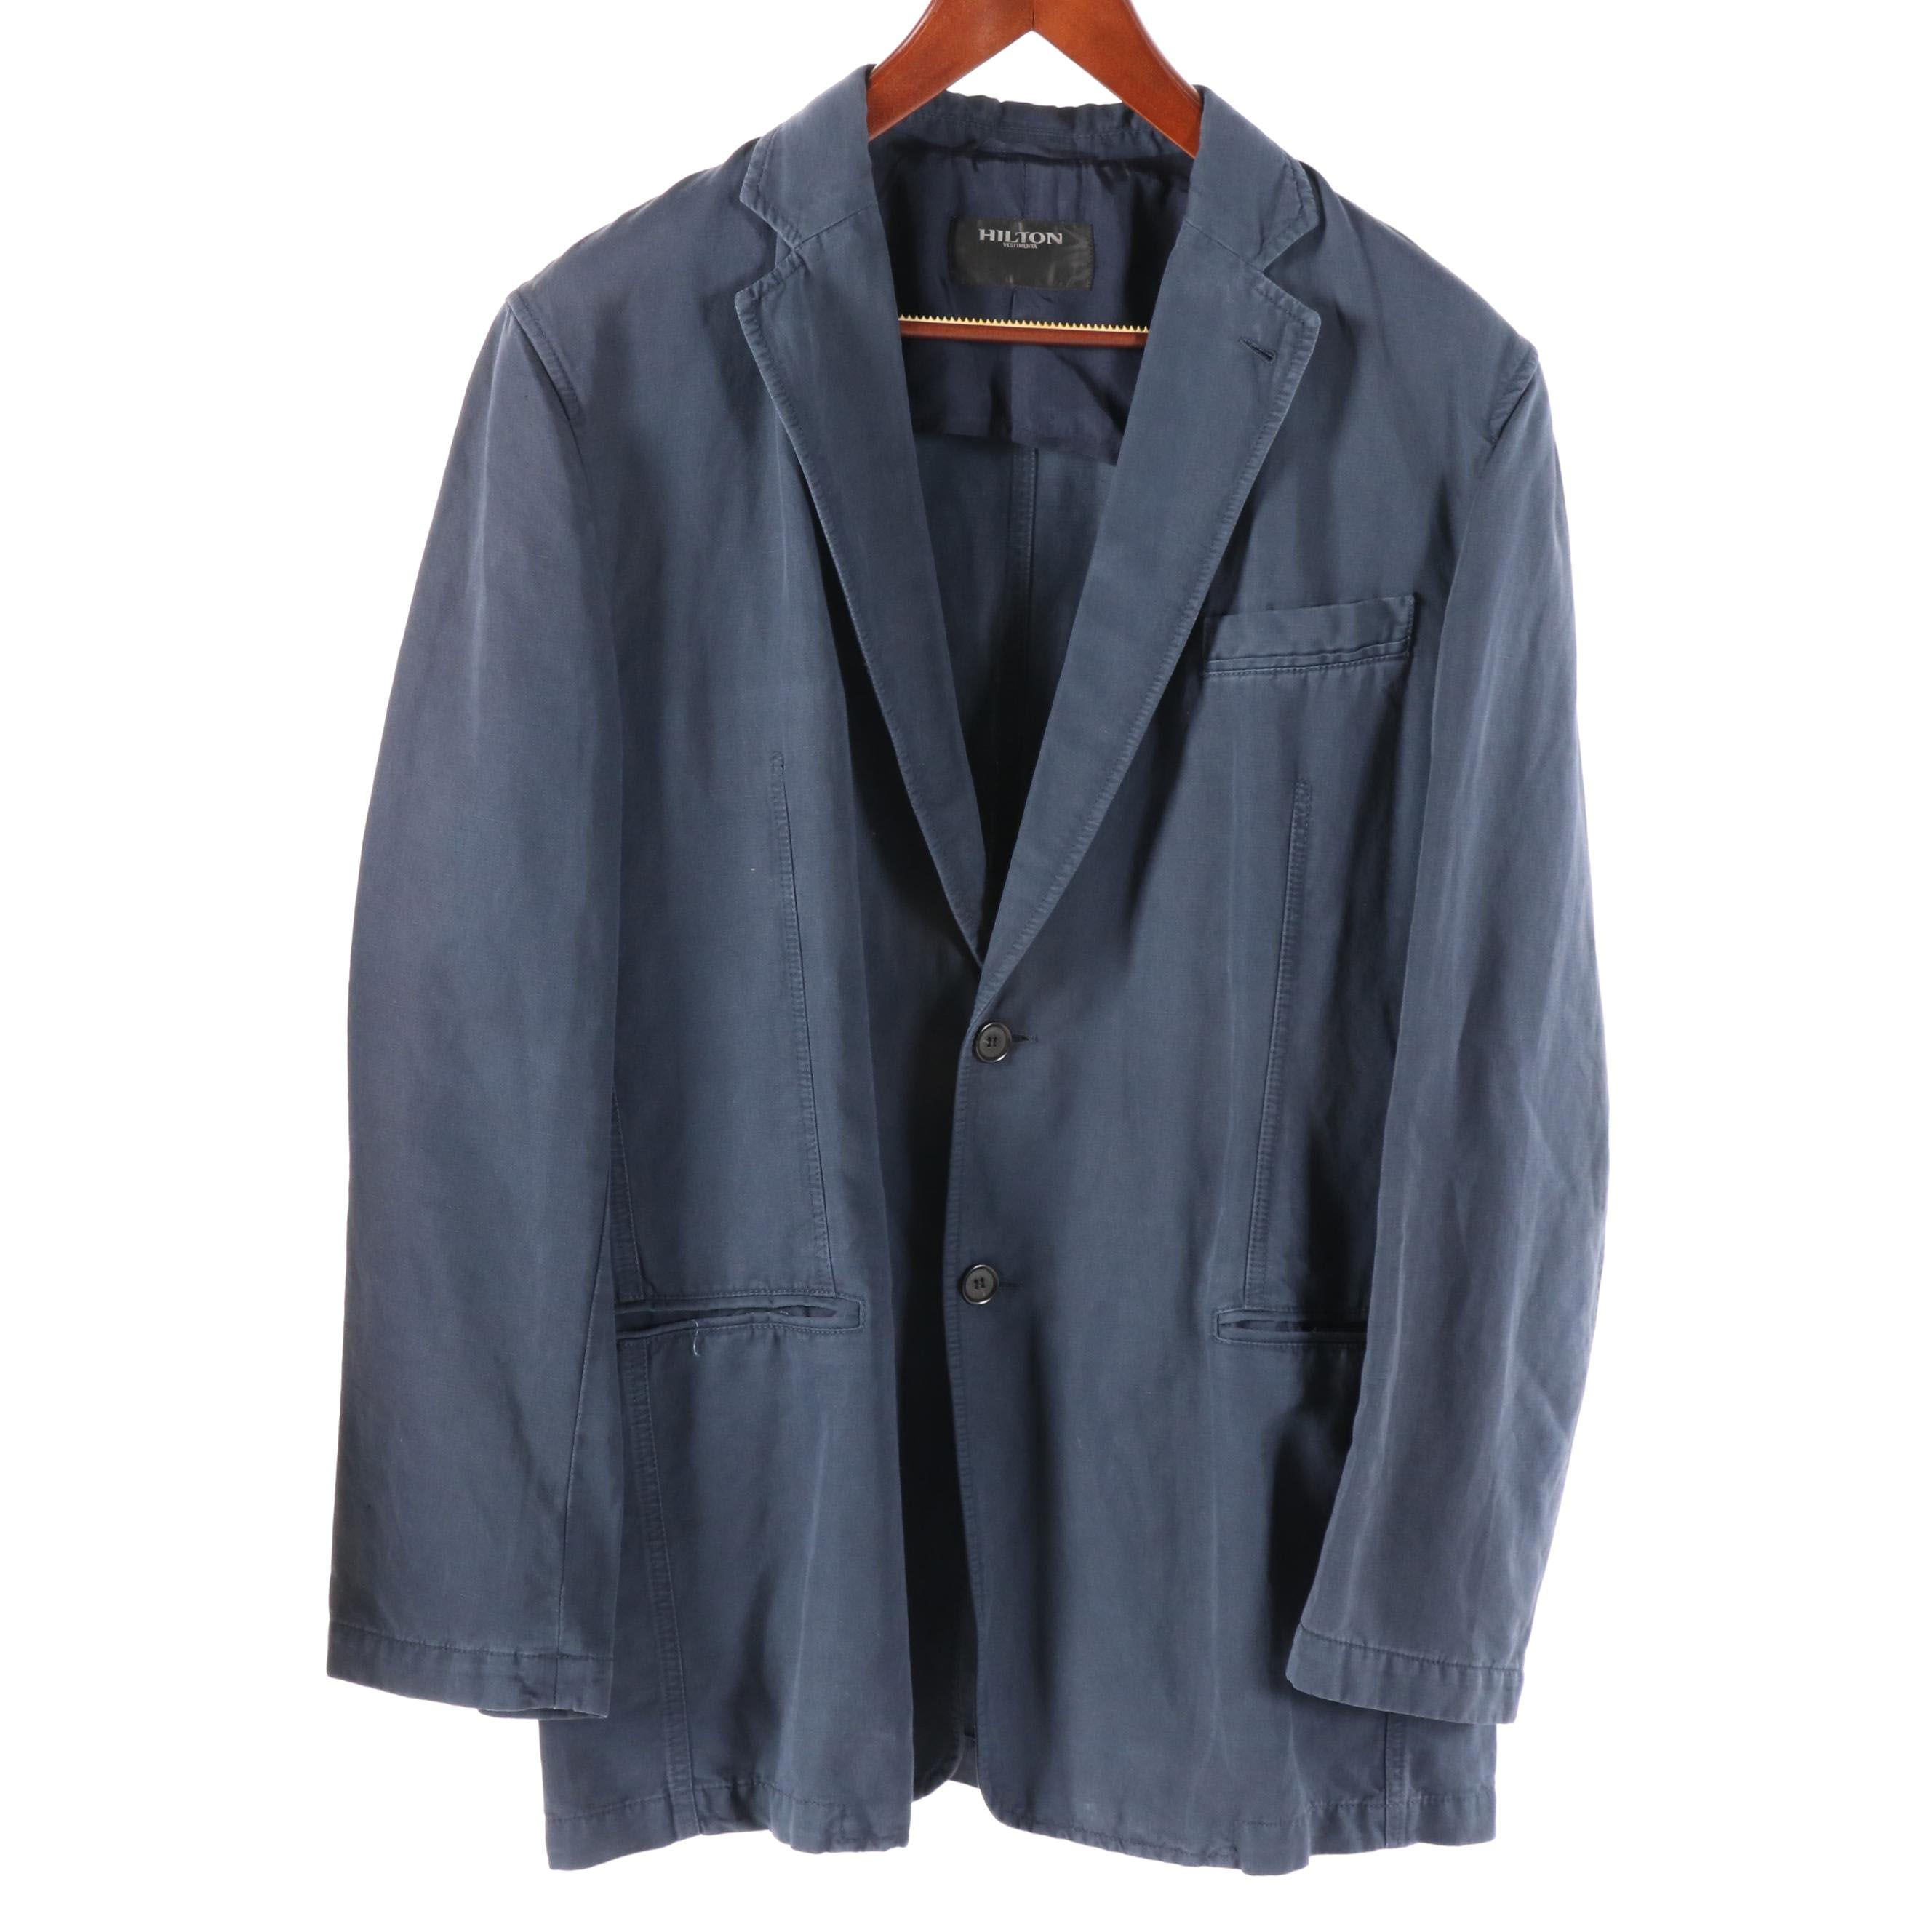 Men's Hilton Blue Cotton Jacket